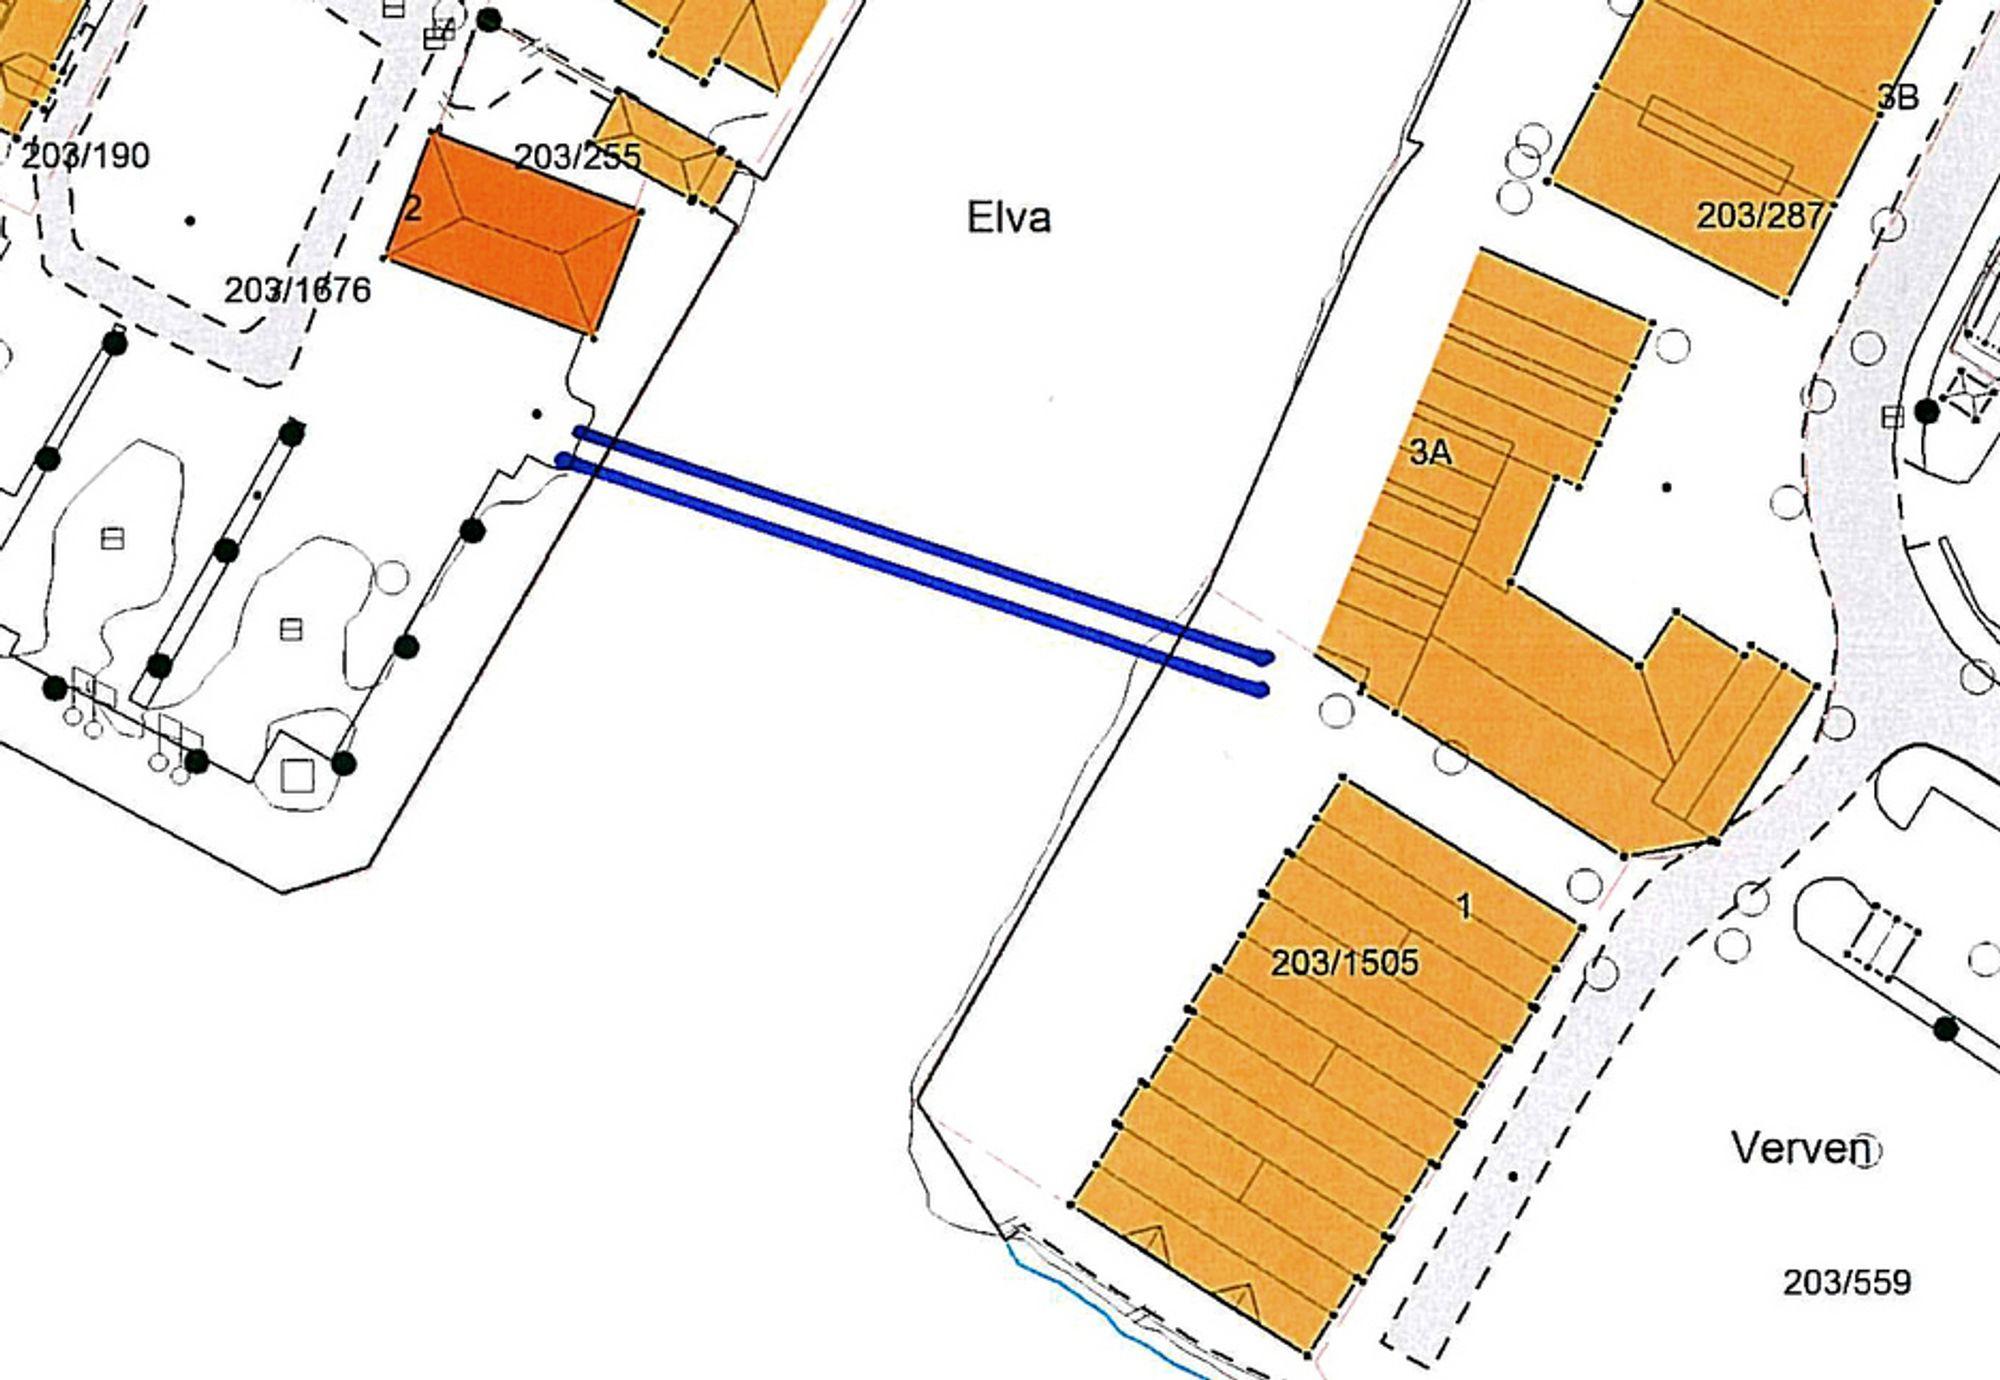 Den nye gangbrua over Elva er bare to blå streker på kartet i dag. 12 arkitektfirmaer har lyst til å bestemme hvordan den skal se ut. Ill.: Flekkefjord kommune